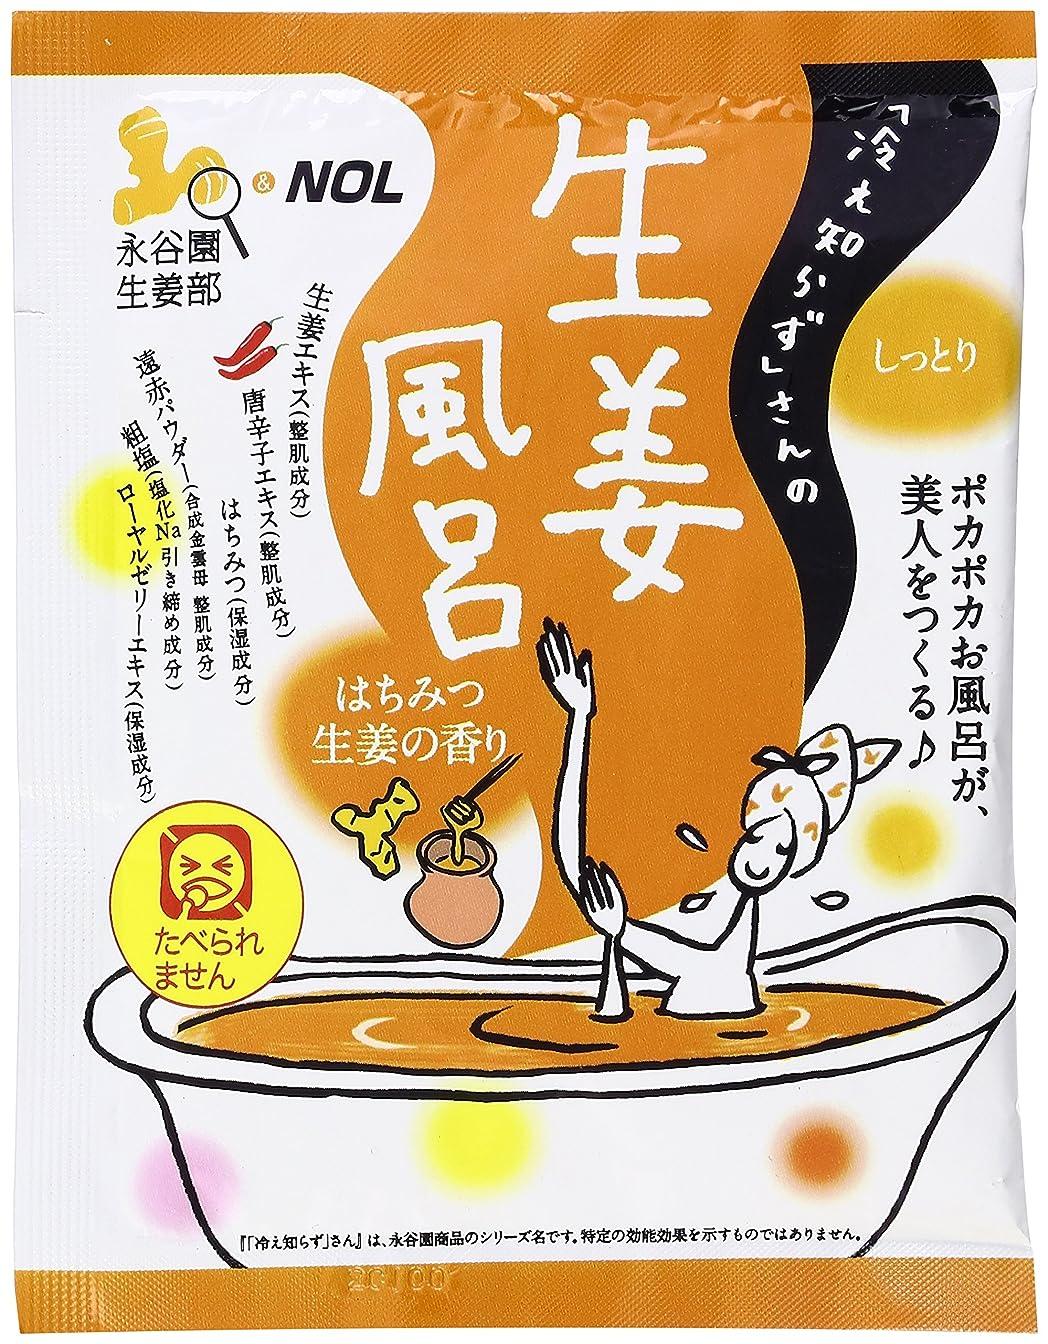 畝間弾丸ふさわしいノルコーポレーション 入浴剤 冷え知らずさんの生姜風呂 40g はちみつ生姜の香り NGT-1-02